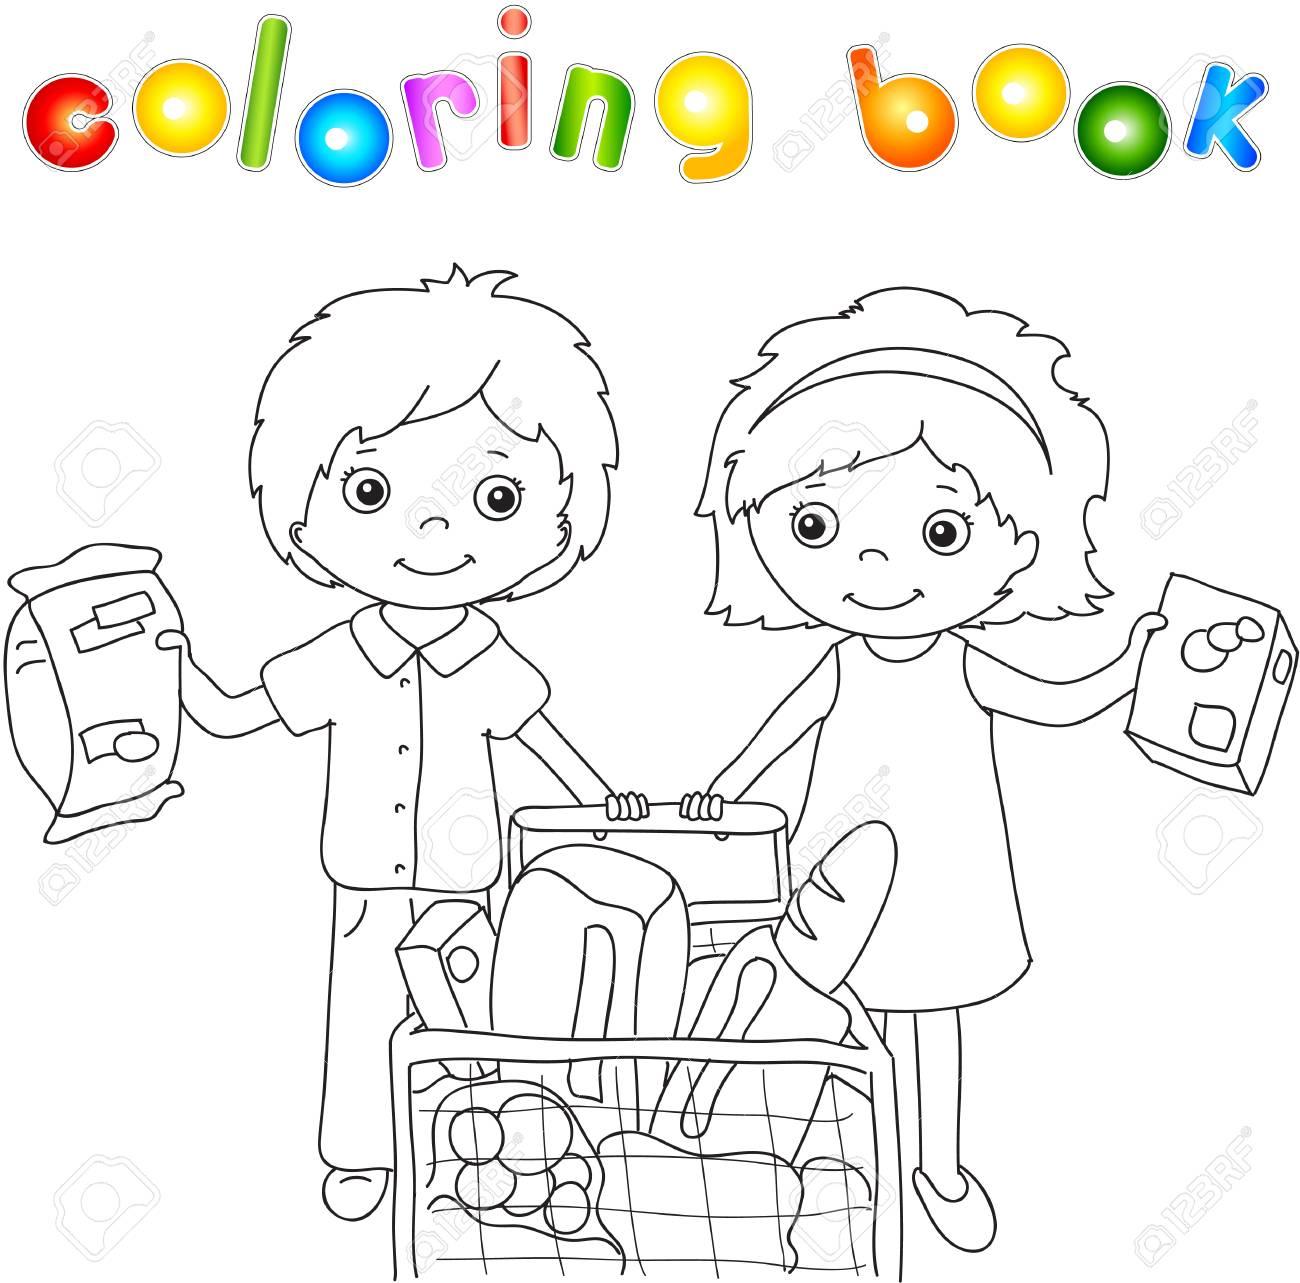 Un Muchacho Y Una Muchacha Están Haciendo Compras En Una Tienda Libro Para Colorear Para Los Niños Ilustración